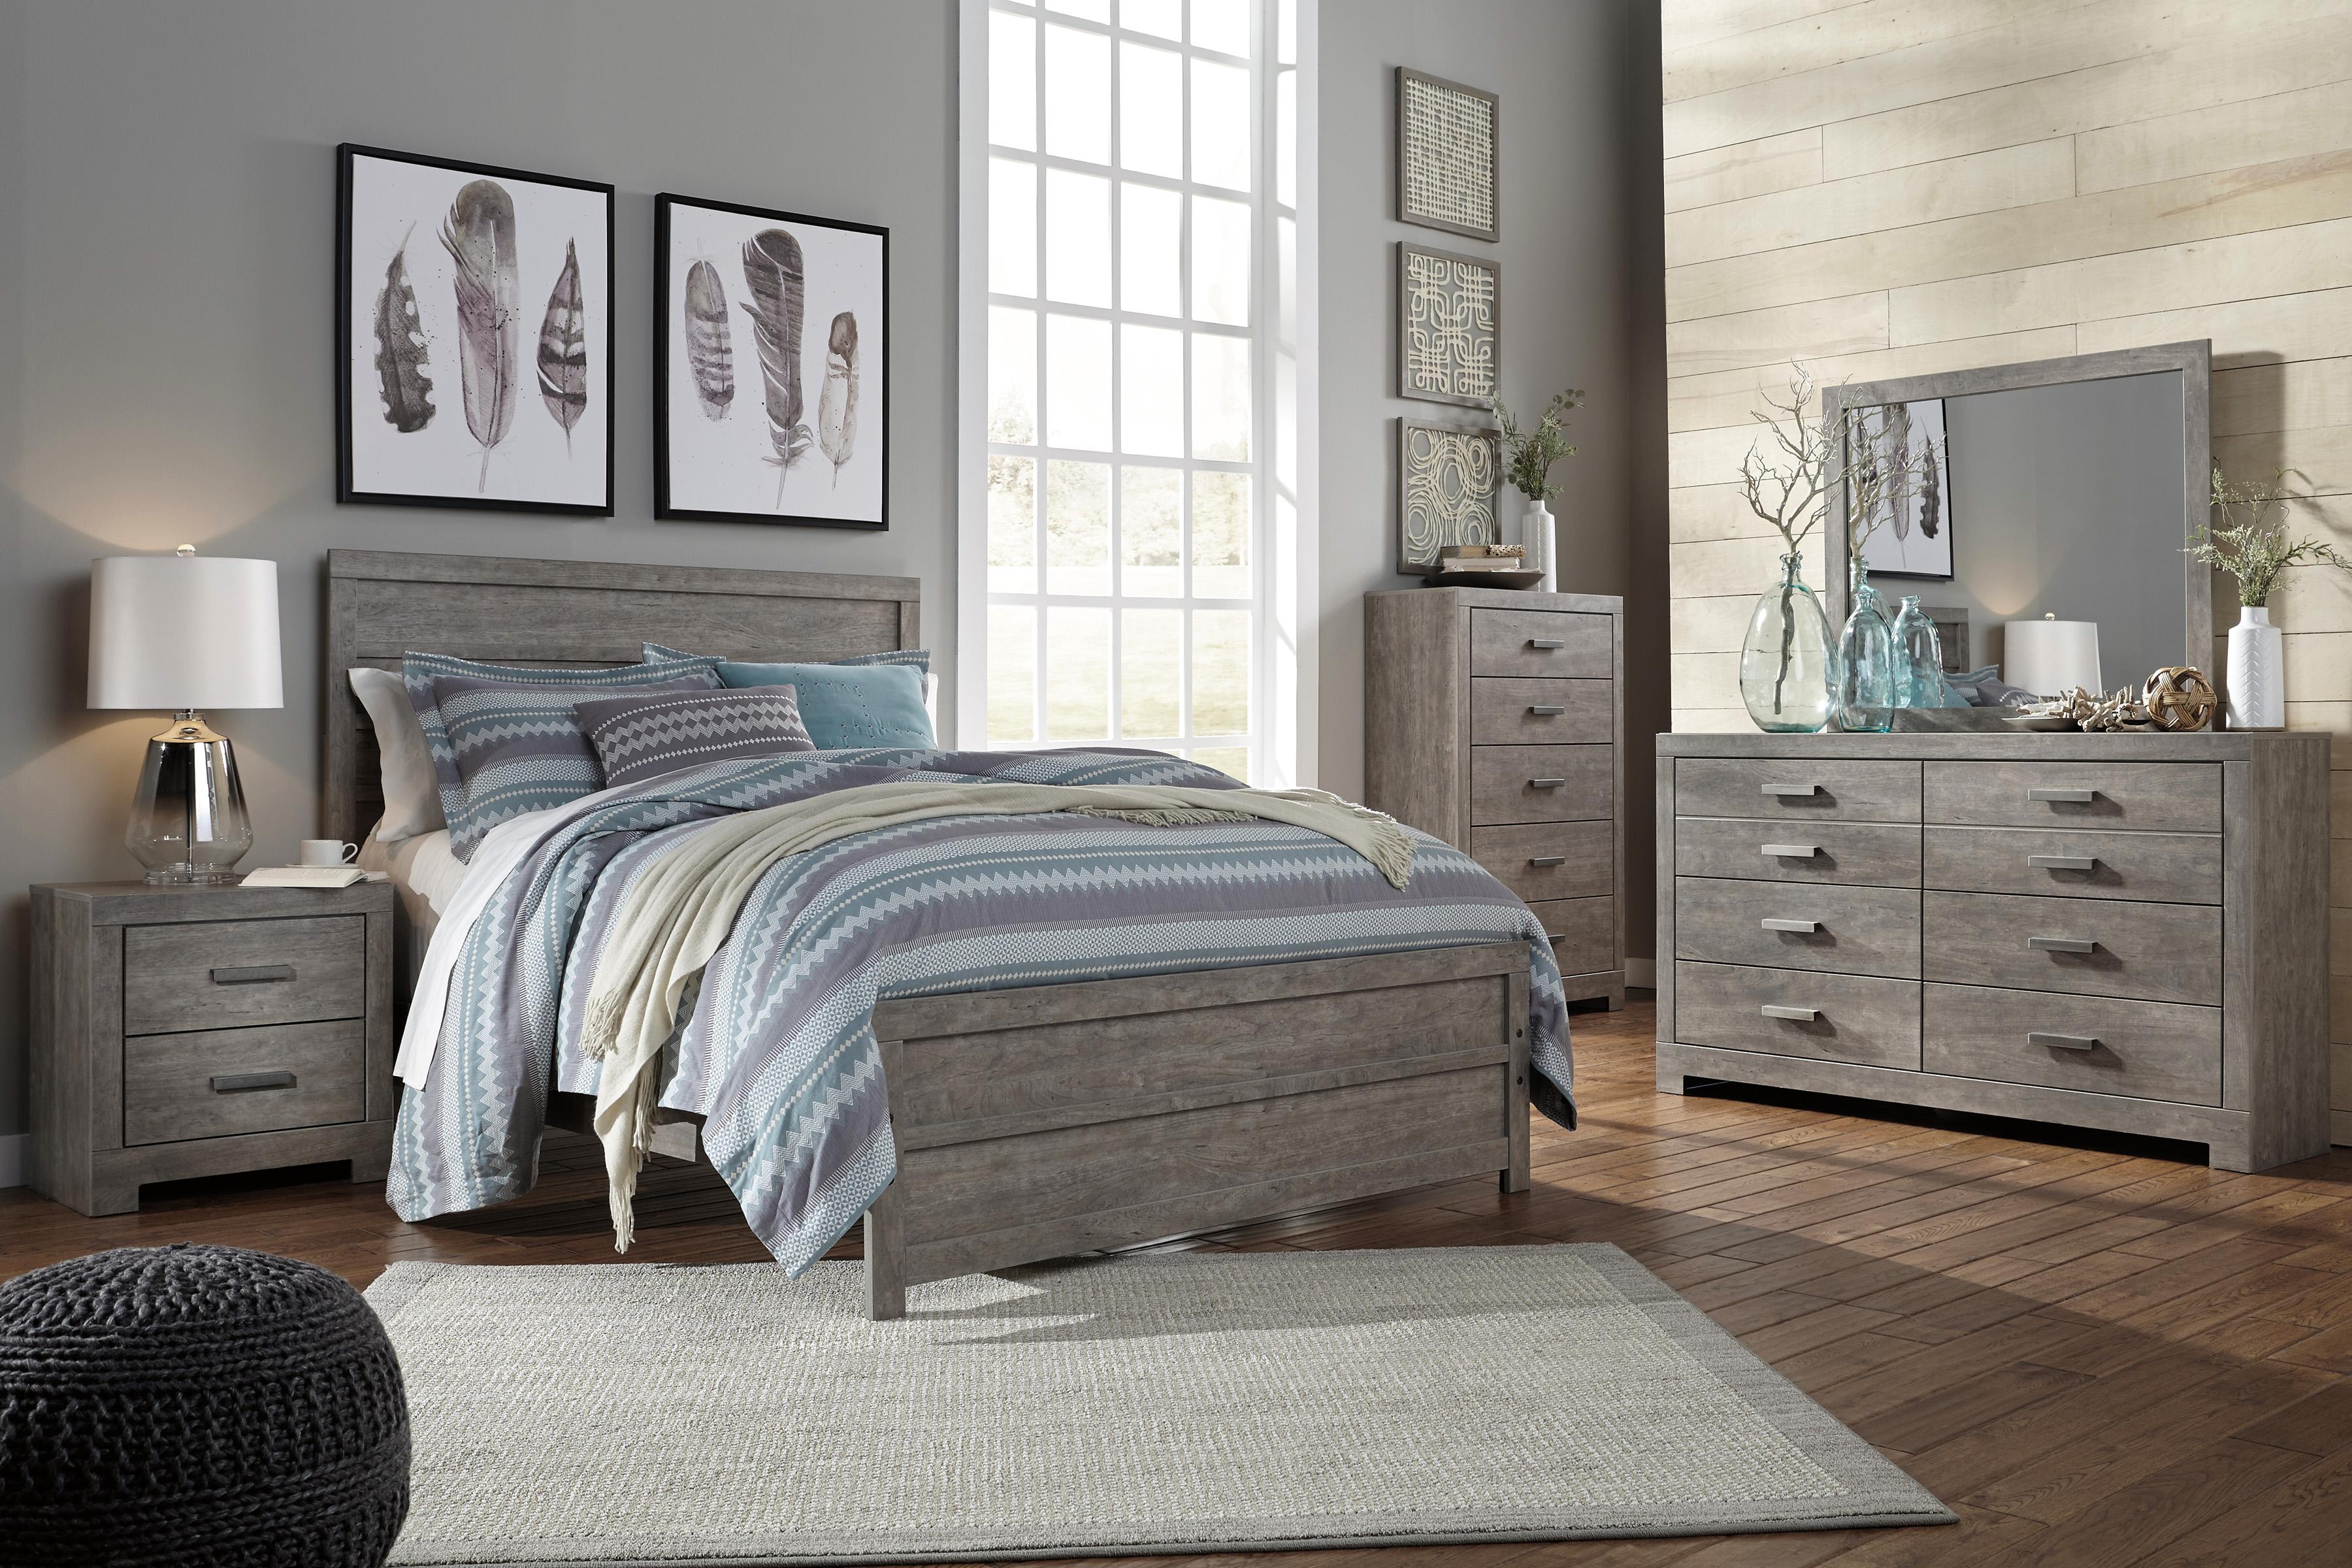 culverbach gray vintage bedroom set  marjen of chicago